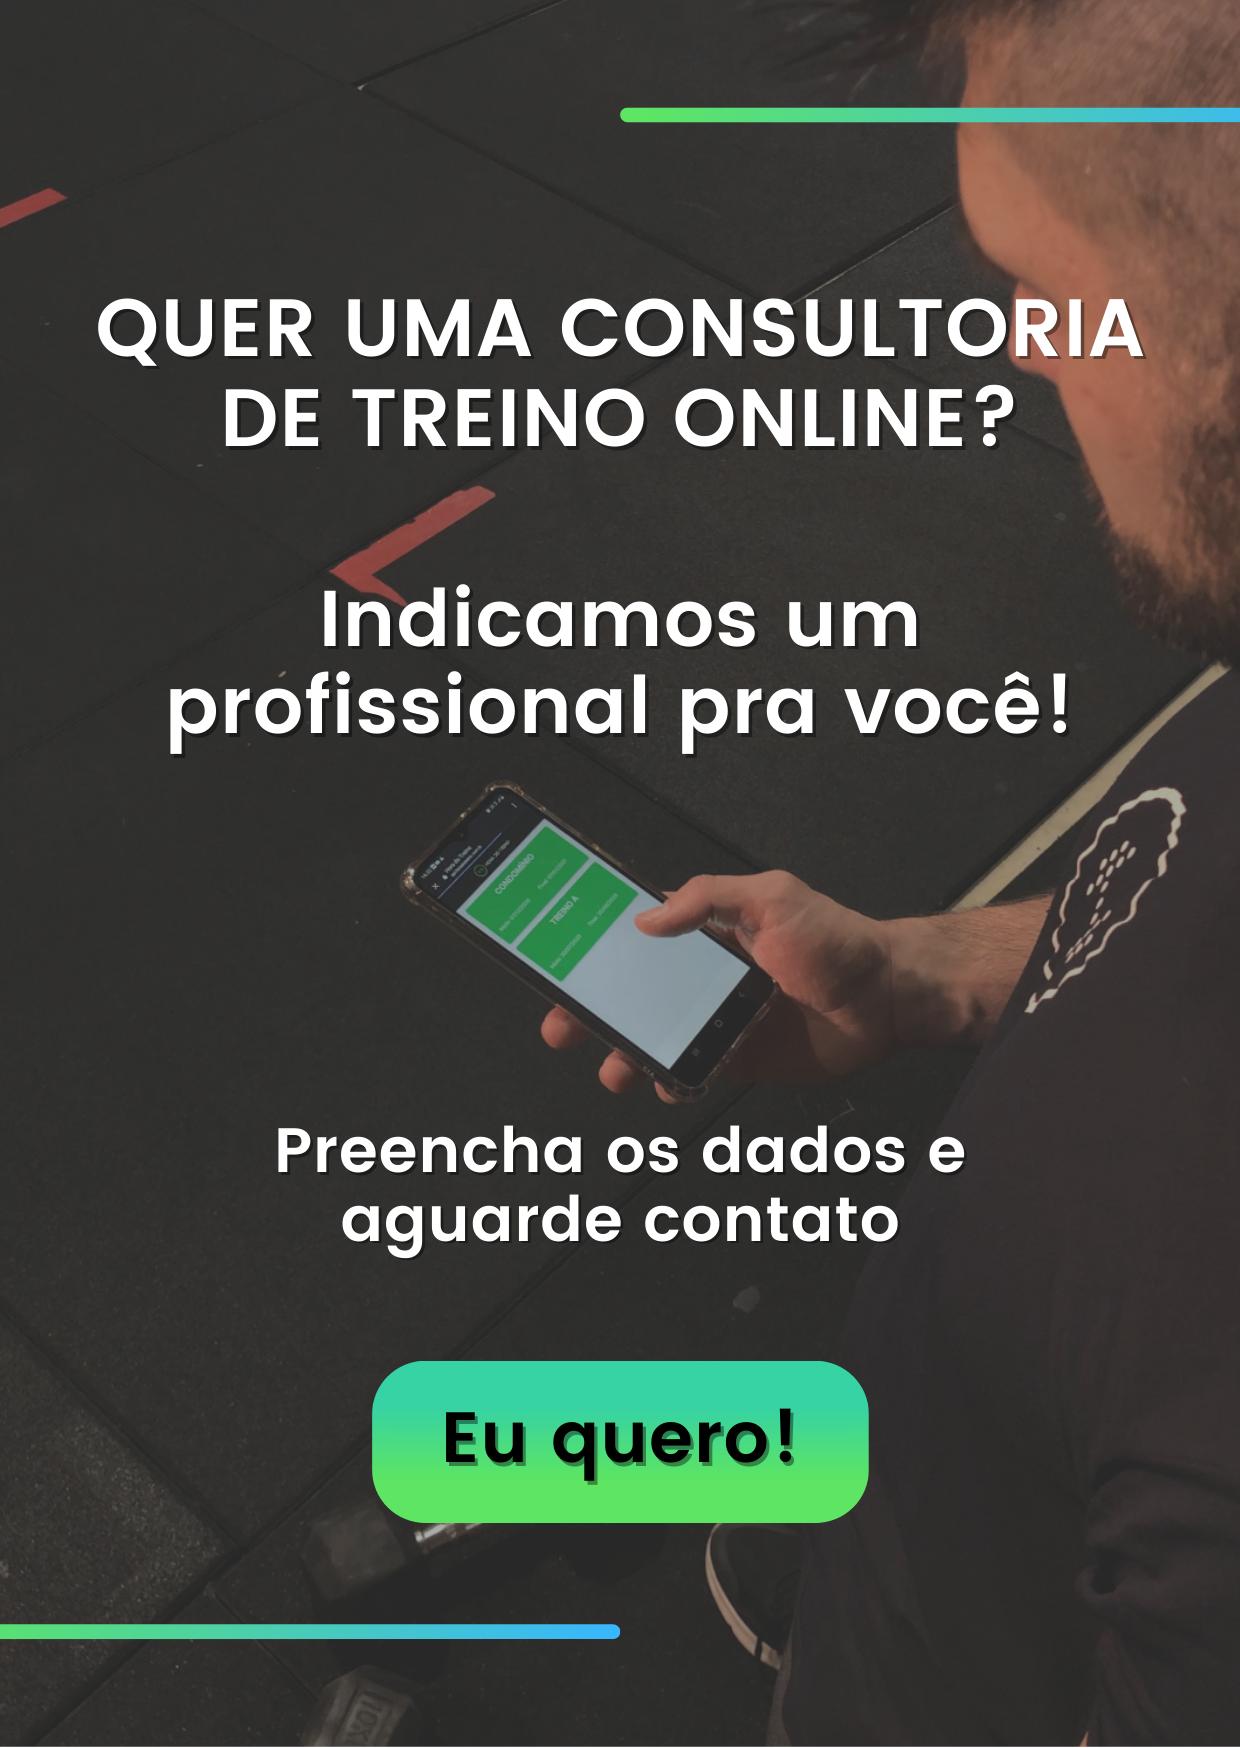 quer uma consultoria de treino online